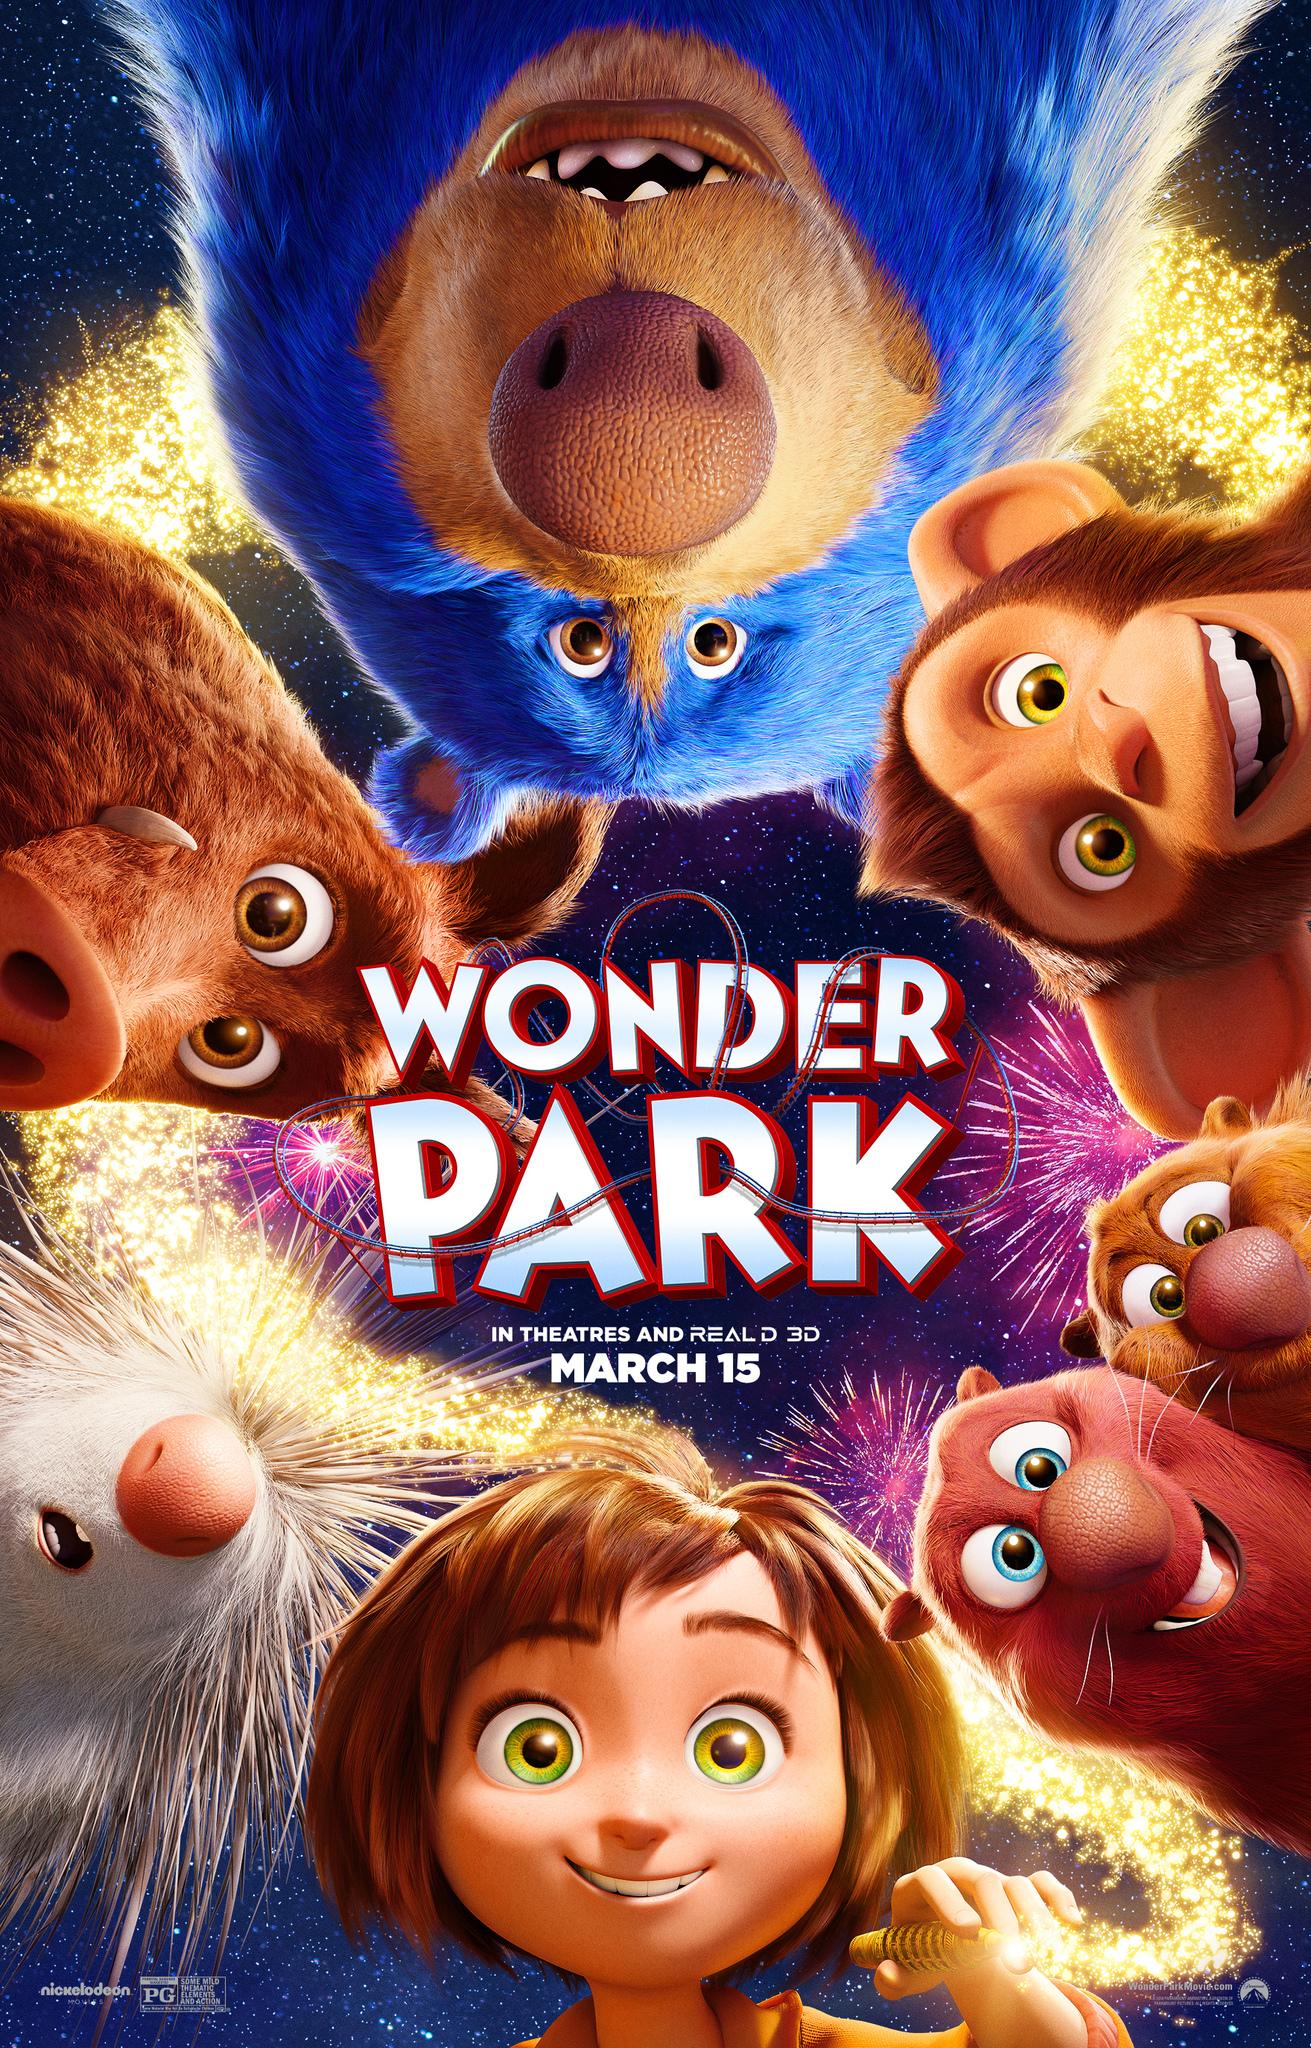 wonder-park-3d-movie.JPG